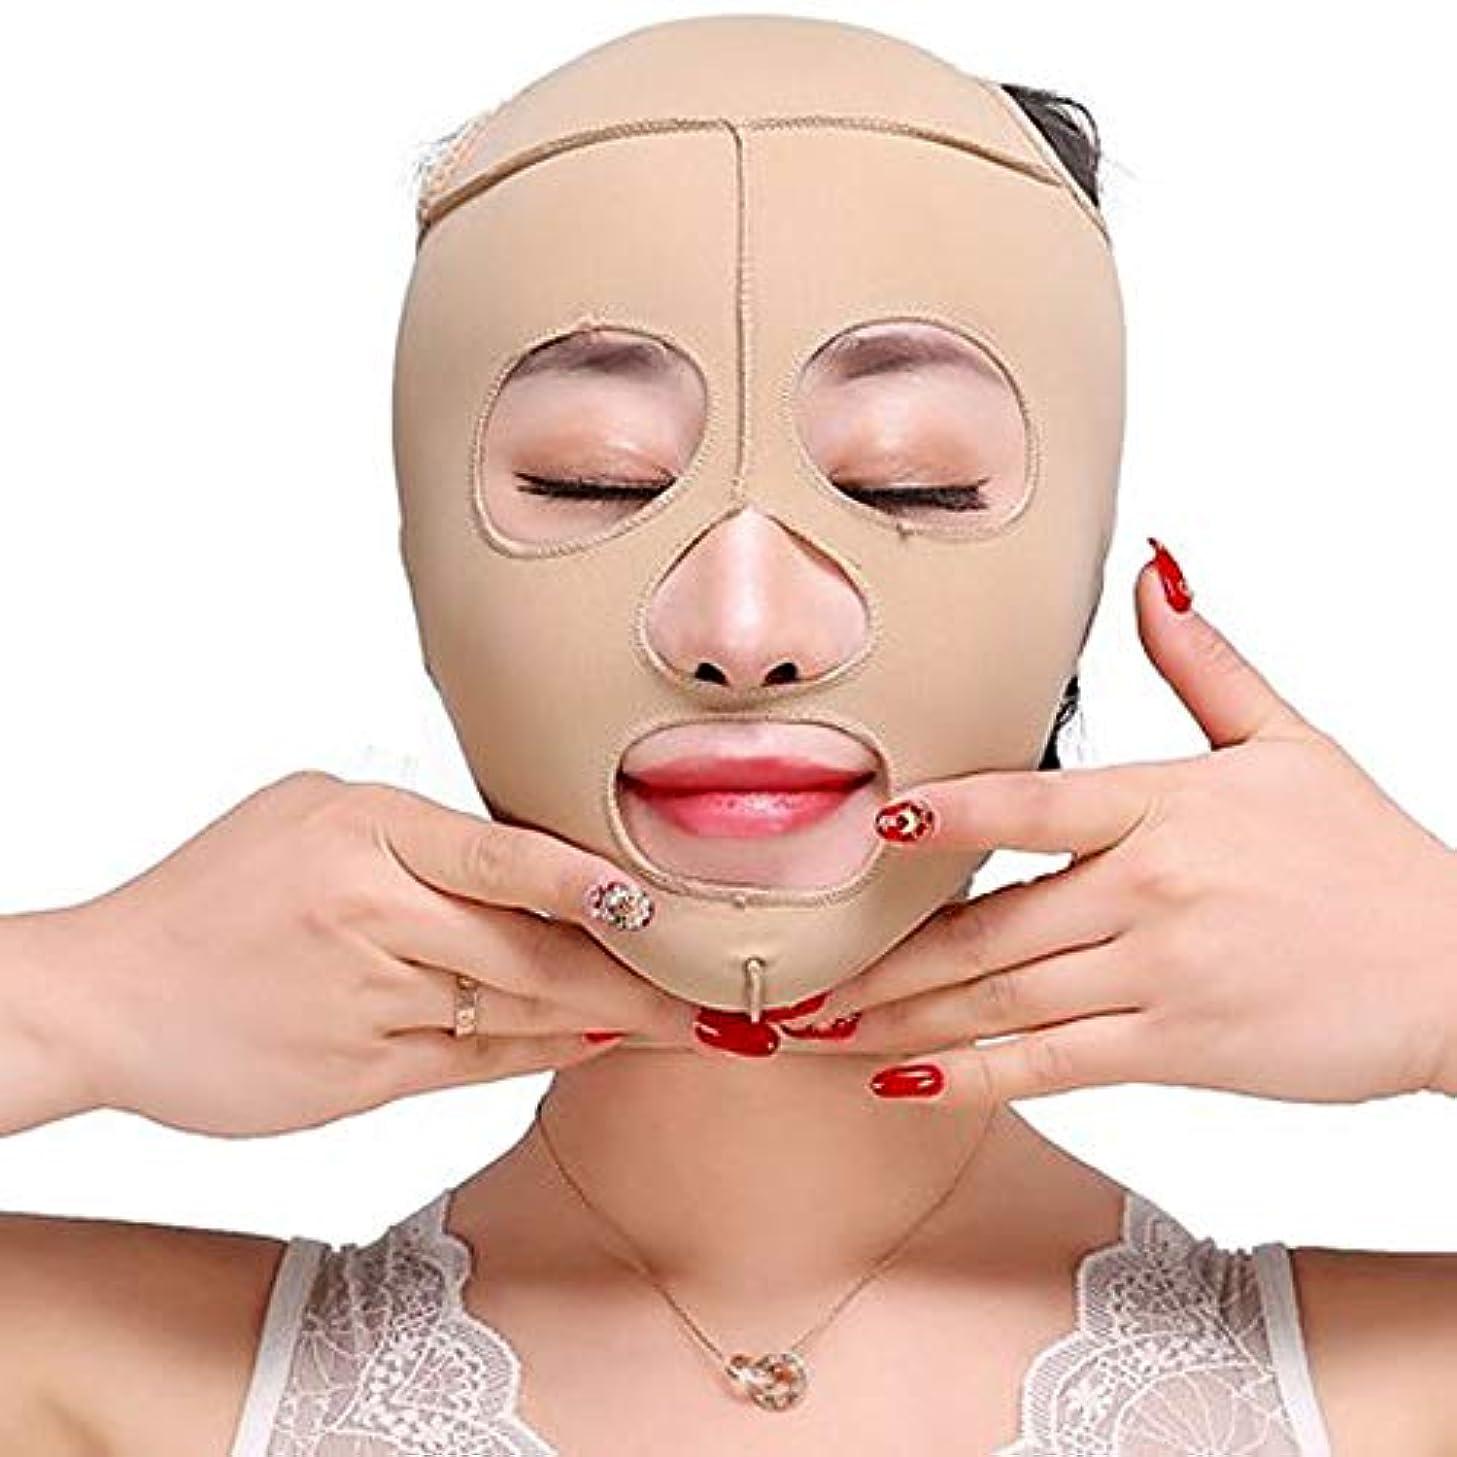 削る故国ラウズGLJJQMY フェイシャルリフティングフェイシャルVマスクダブルあご薄い顔包帯抗シワリフティングチークライン 顔用整形マスク (Size : M)